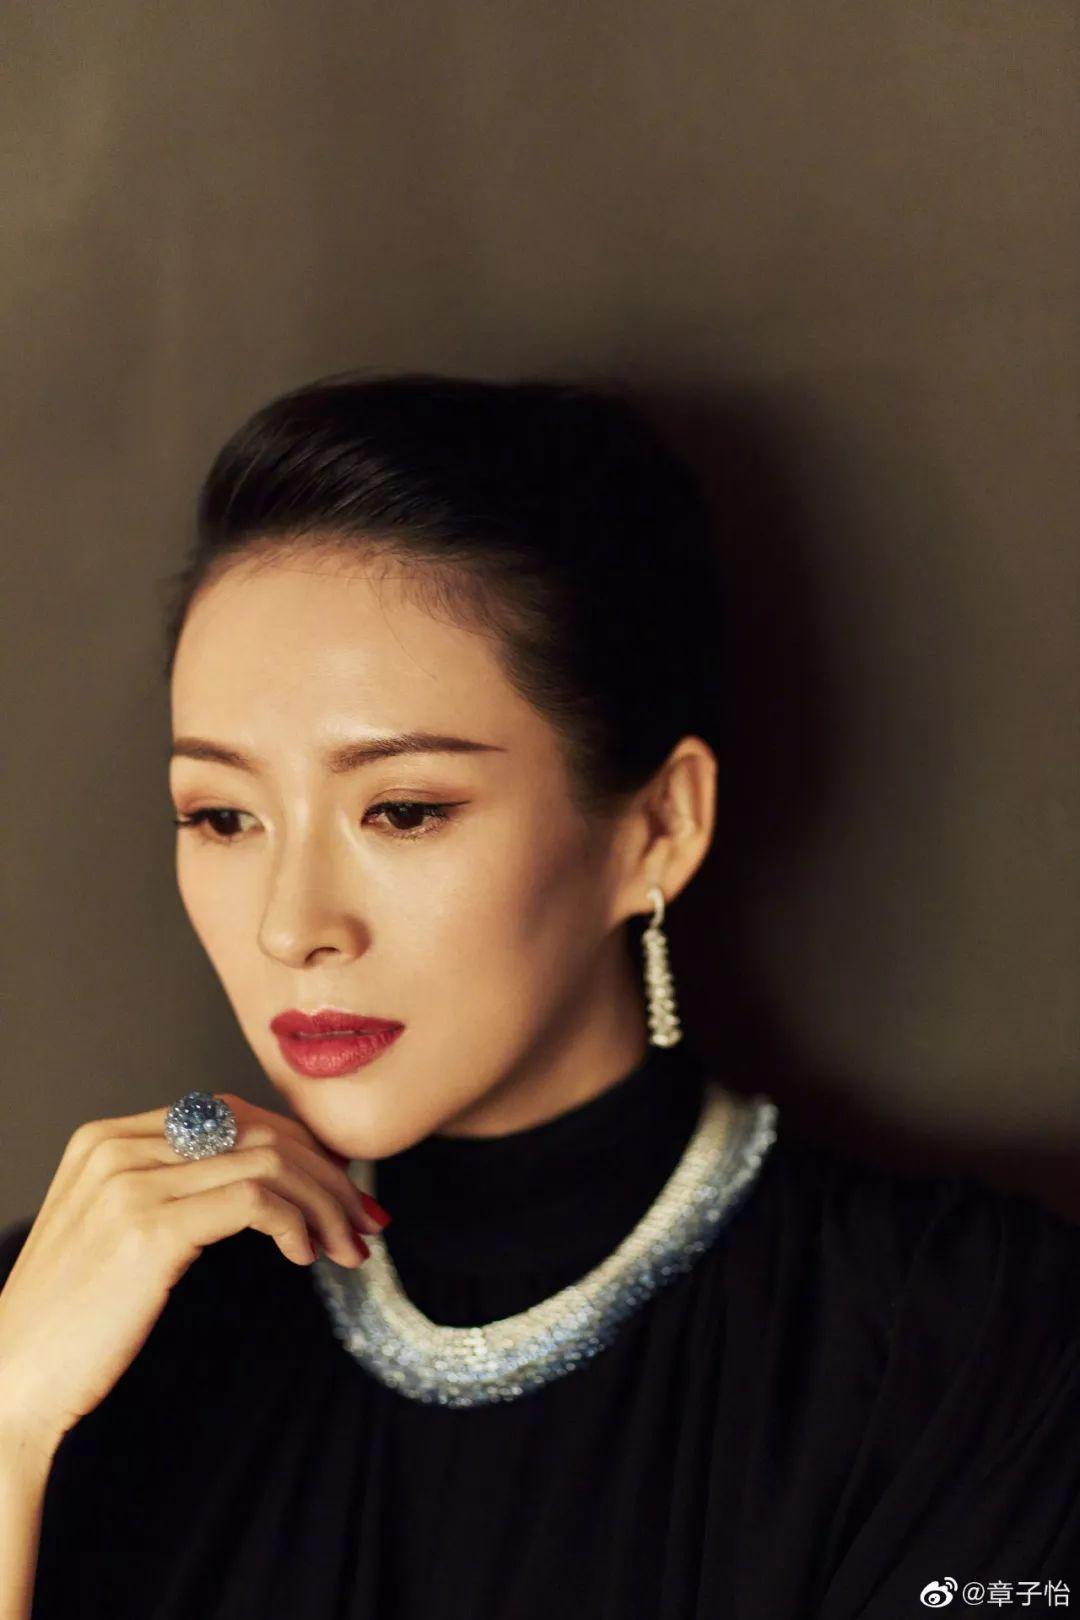 """油管刮起了中国女孩风,没想到在外国人眼里""""中式妆容""""竟然是这样的…_眼影"""